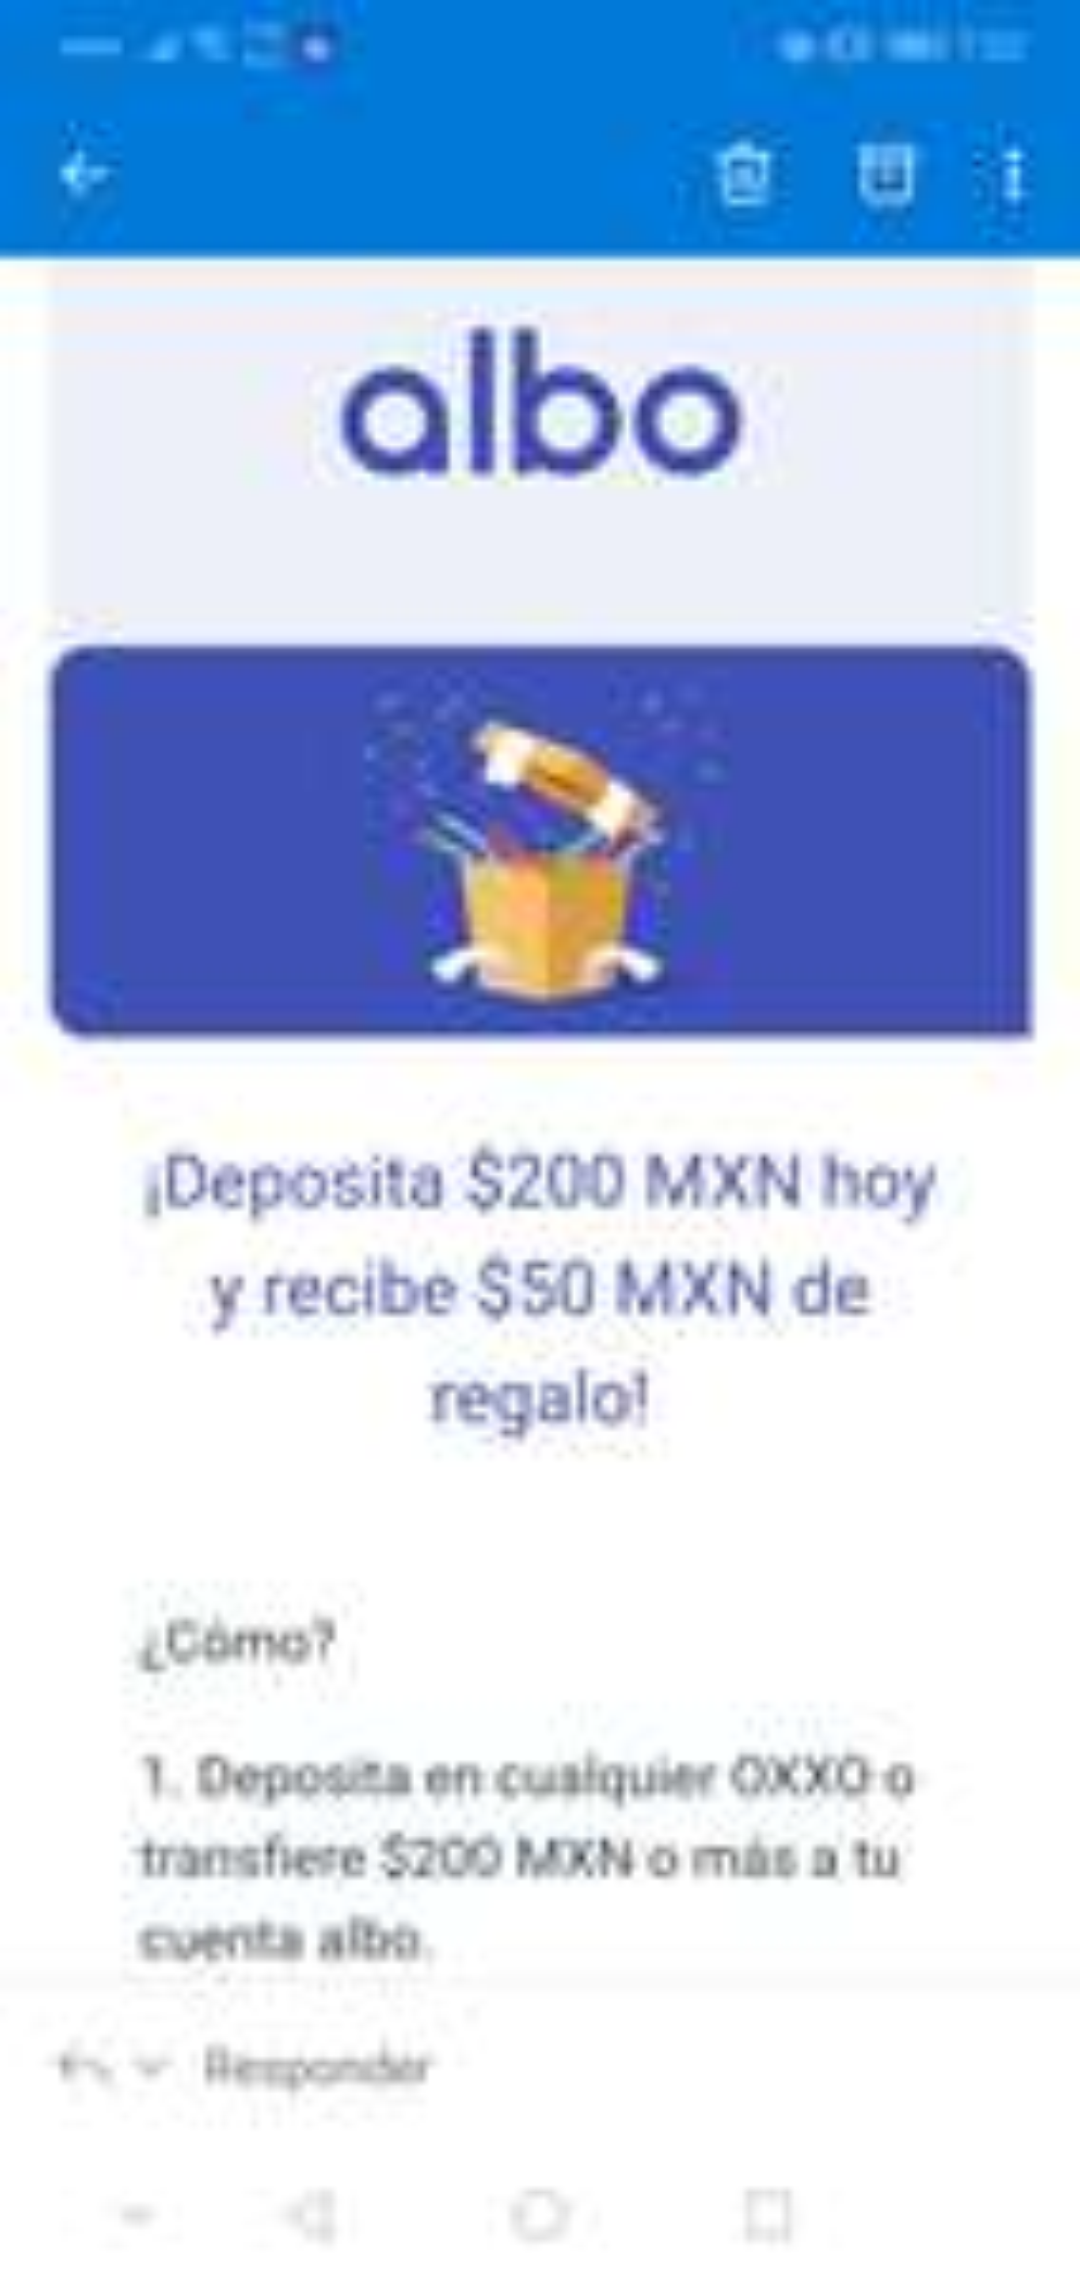 Albo: Deposita $200 o más y recibe $50 de regalo (usuarios seleccionados)